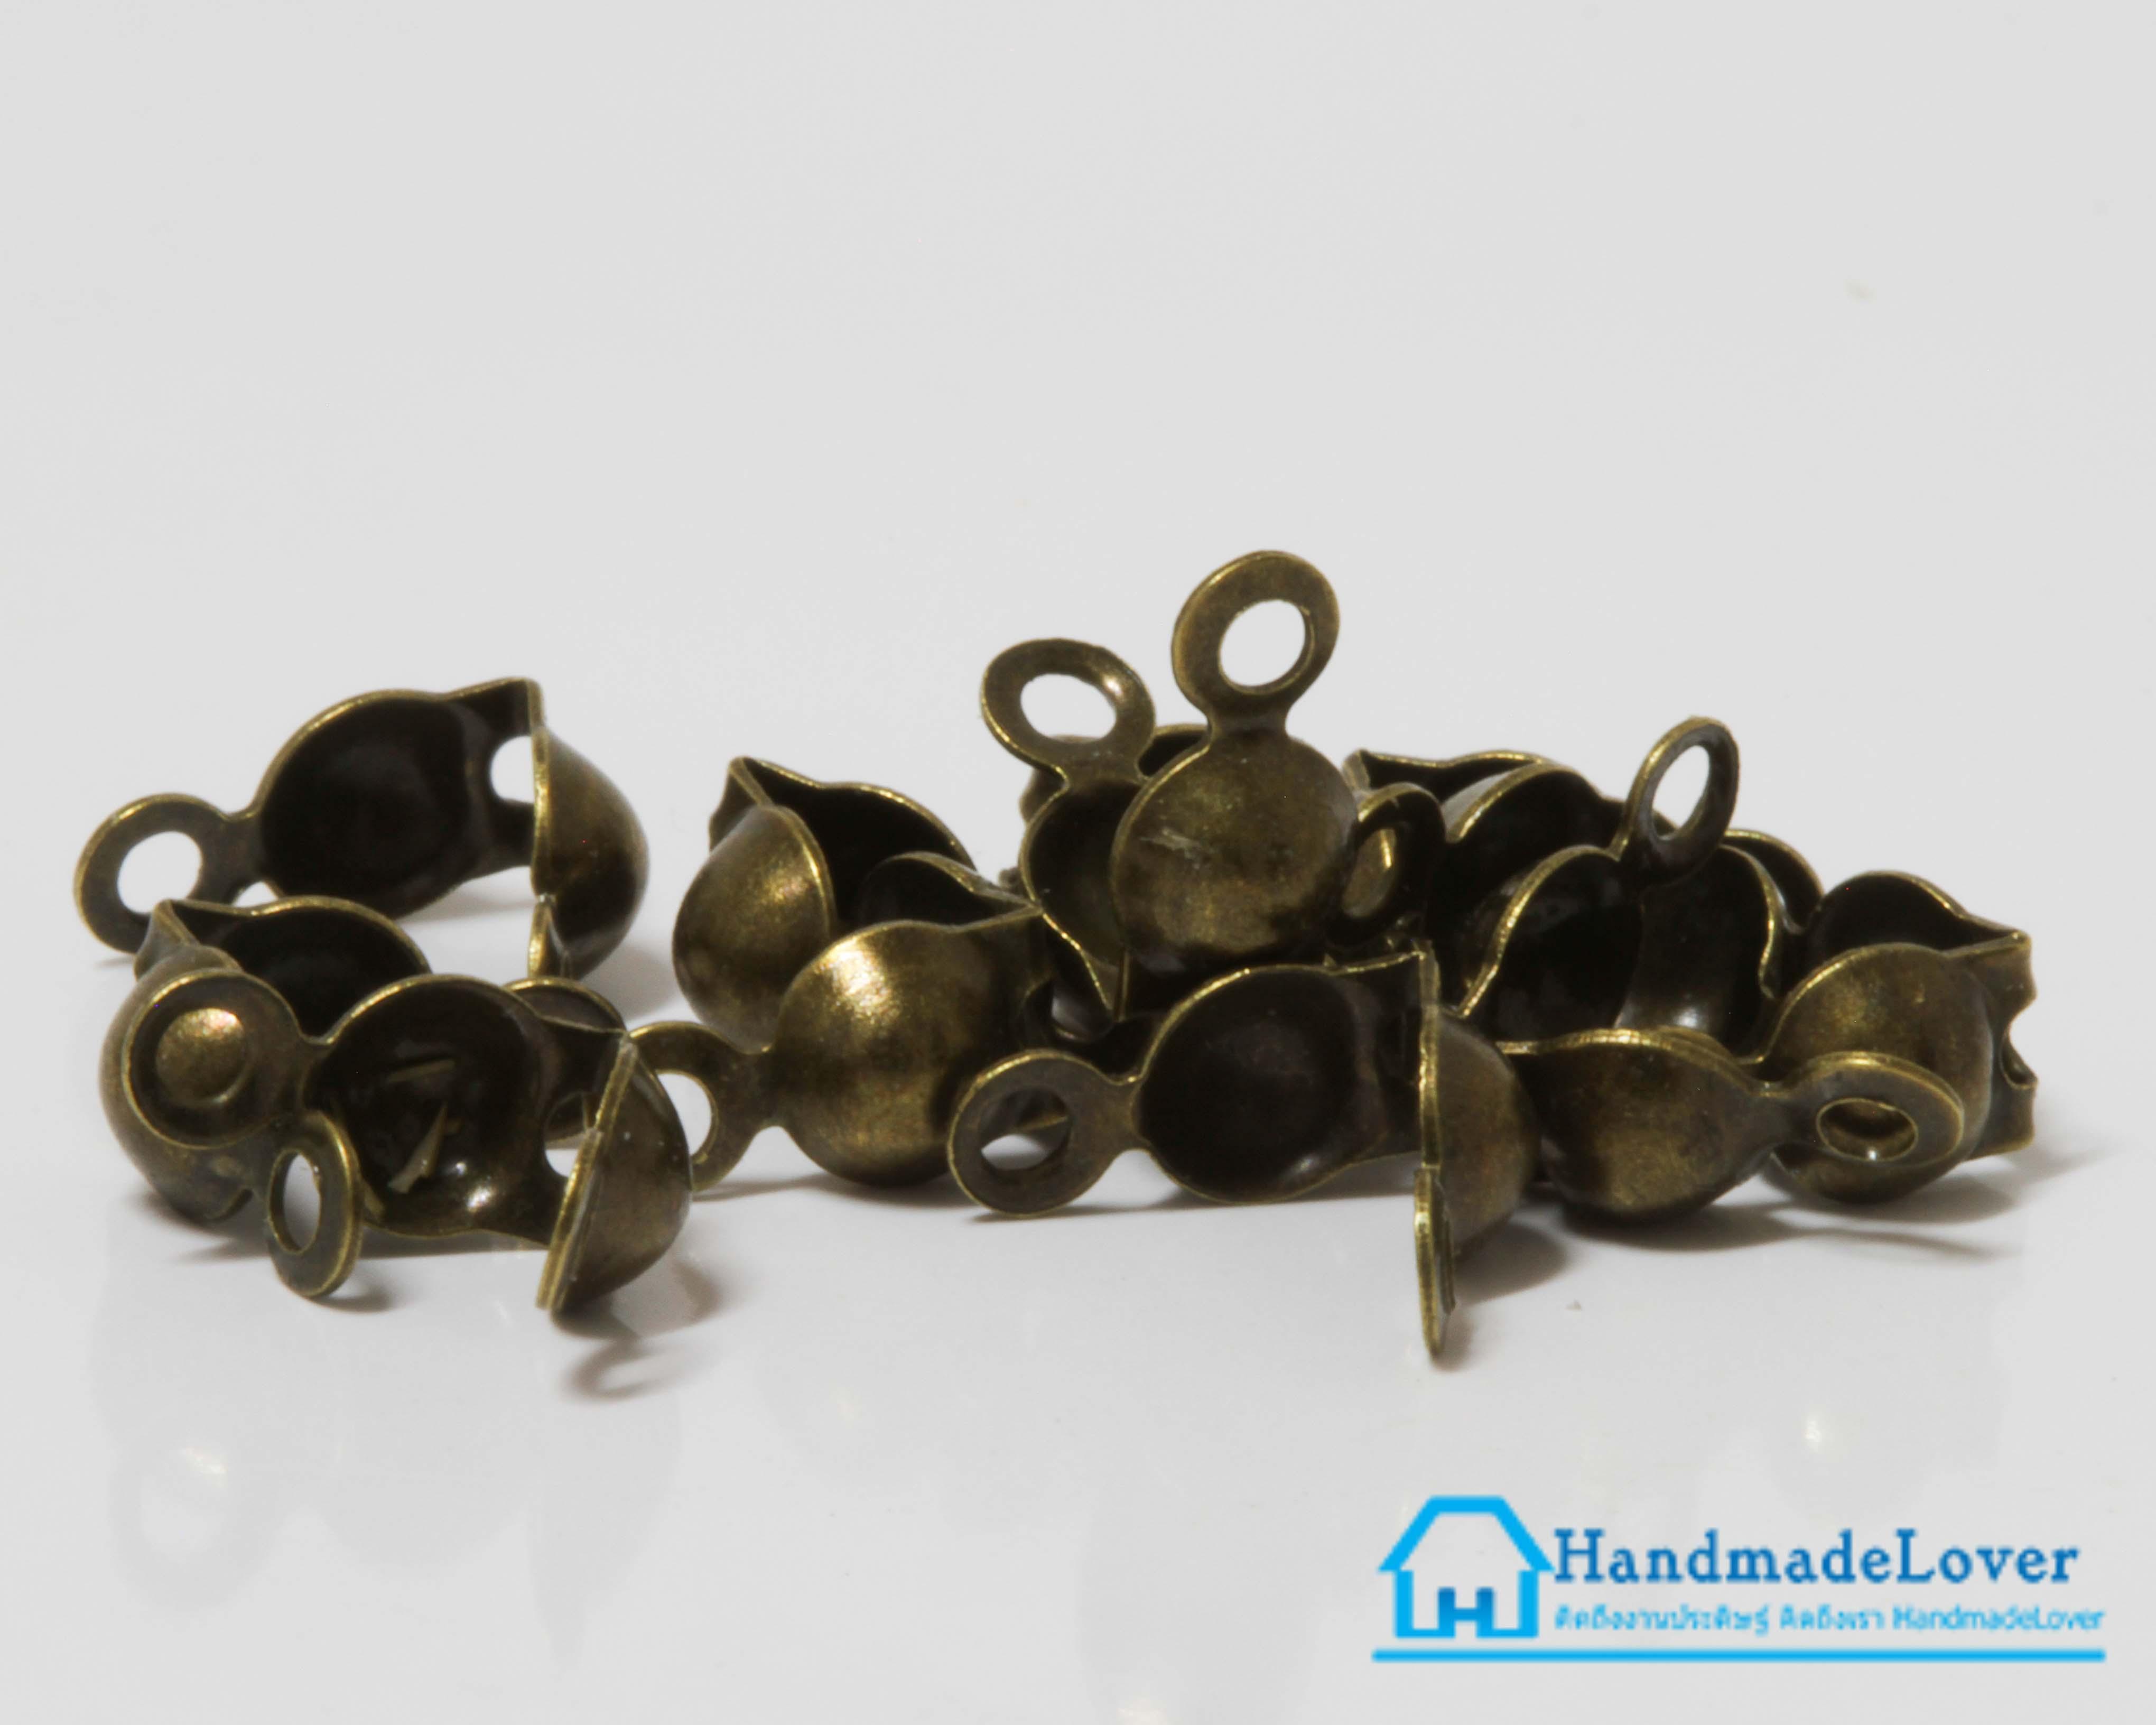 ตัวเก็บปม สีทองรมดำ (แพ็ค 50 ชิ้น )